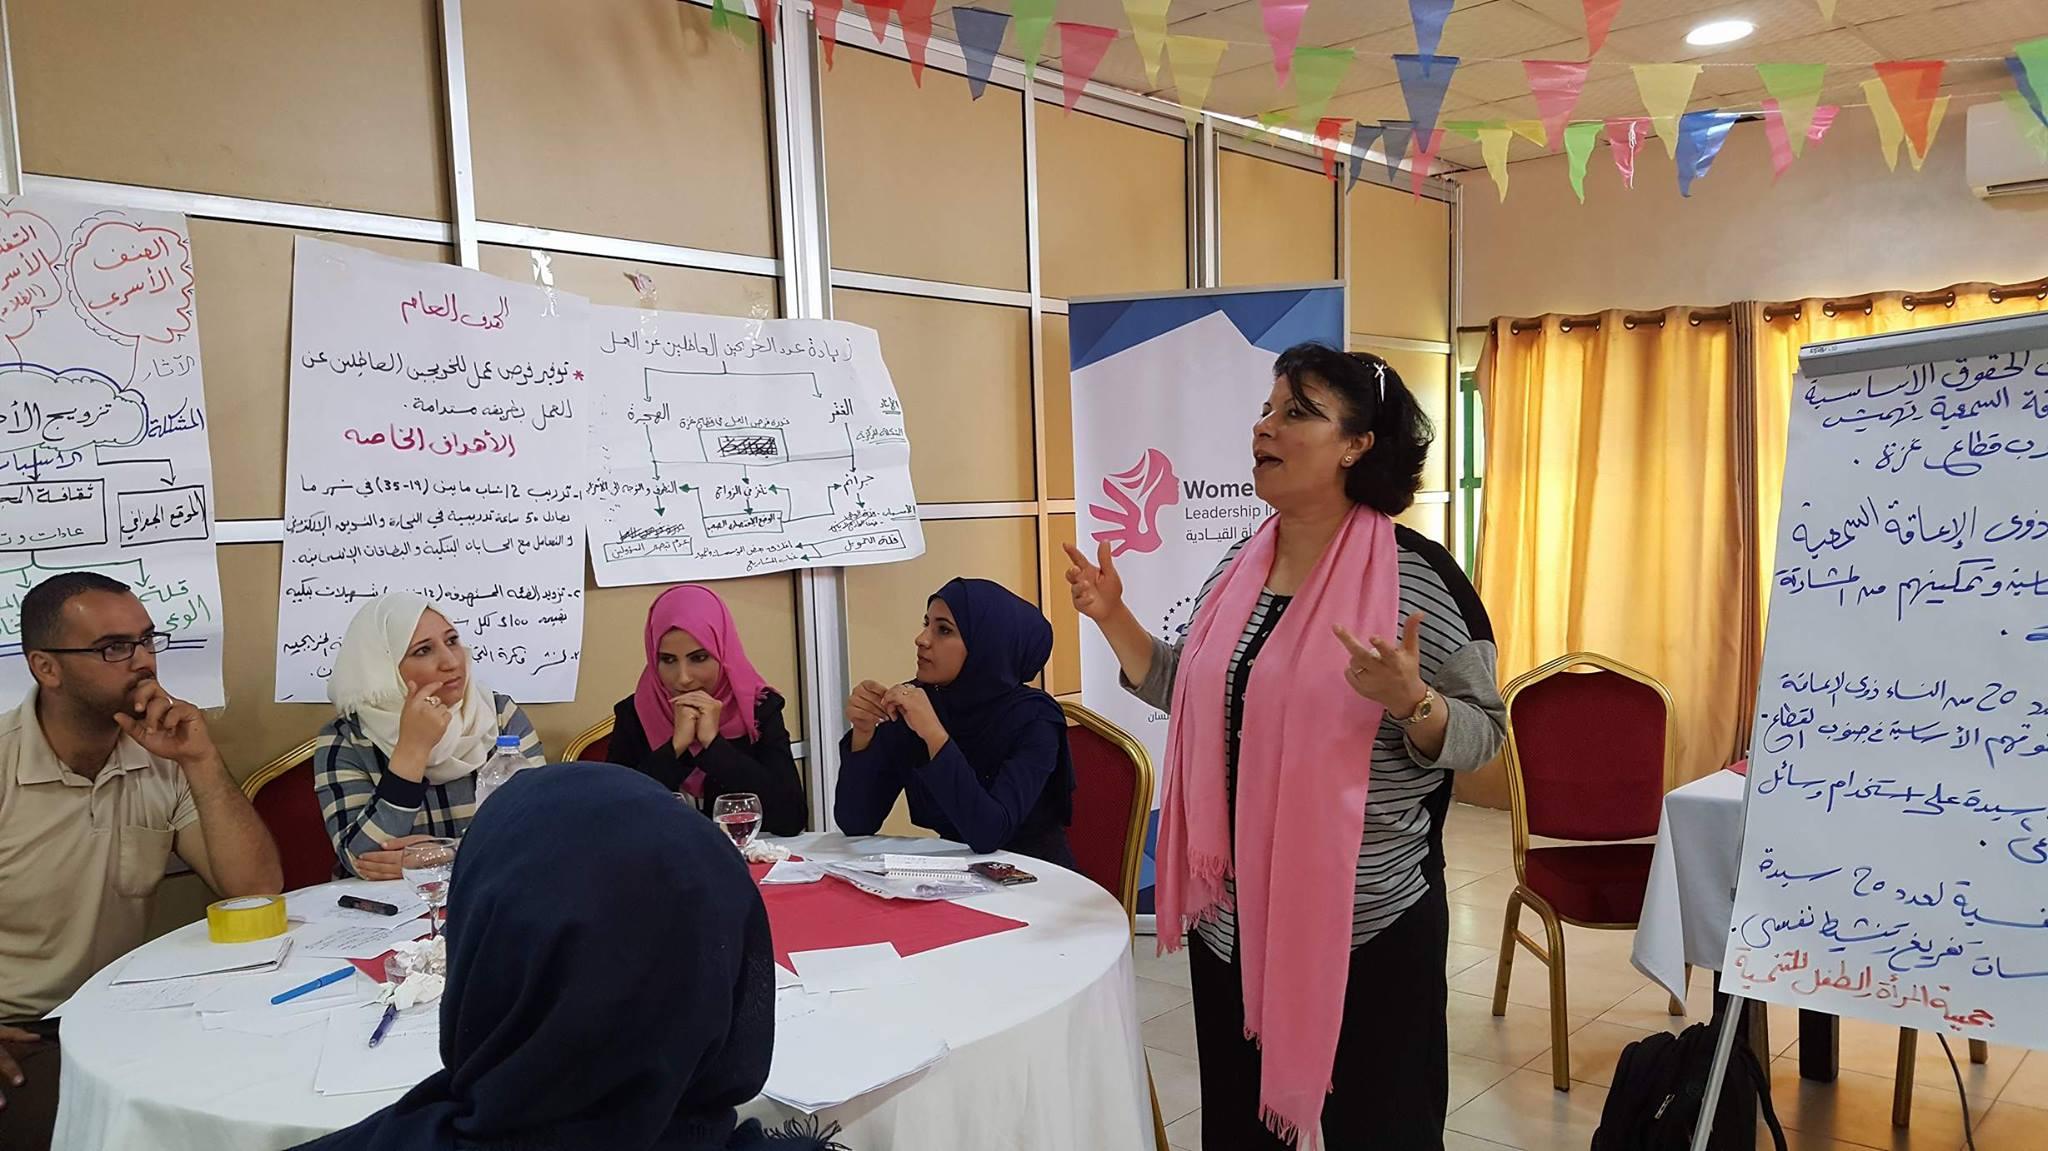 مواصلة لقاءات مشروع حاضنة المرأة القيادية- قطاع غزة 2017